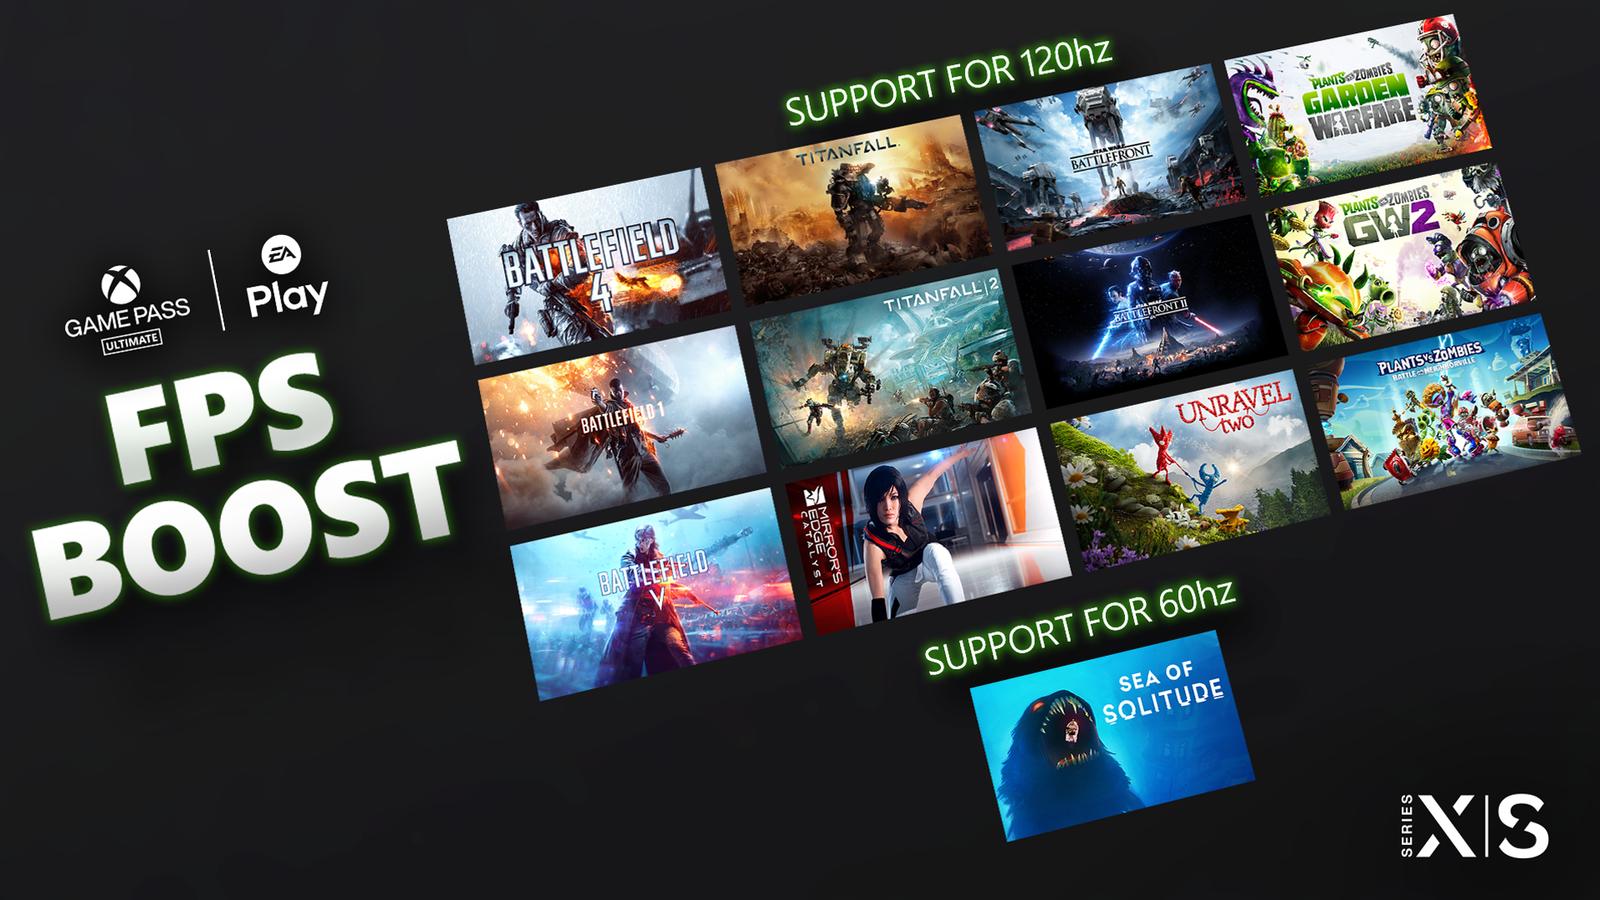 [ACTUALITE] Xbox Series X S - 13 jeux EA bénéficient du FPS Boost